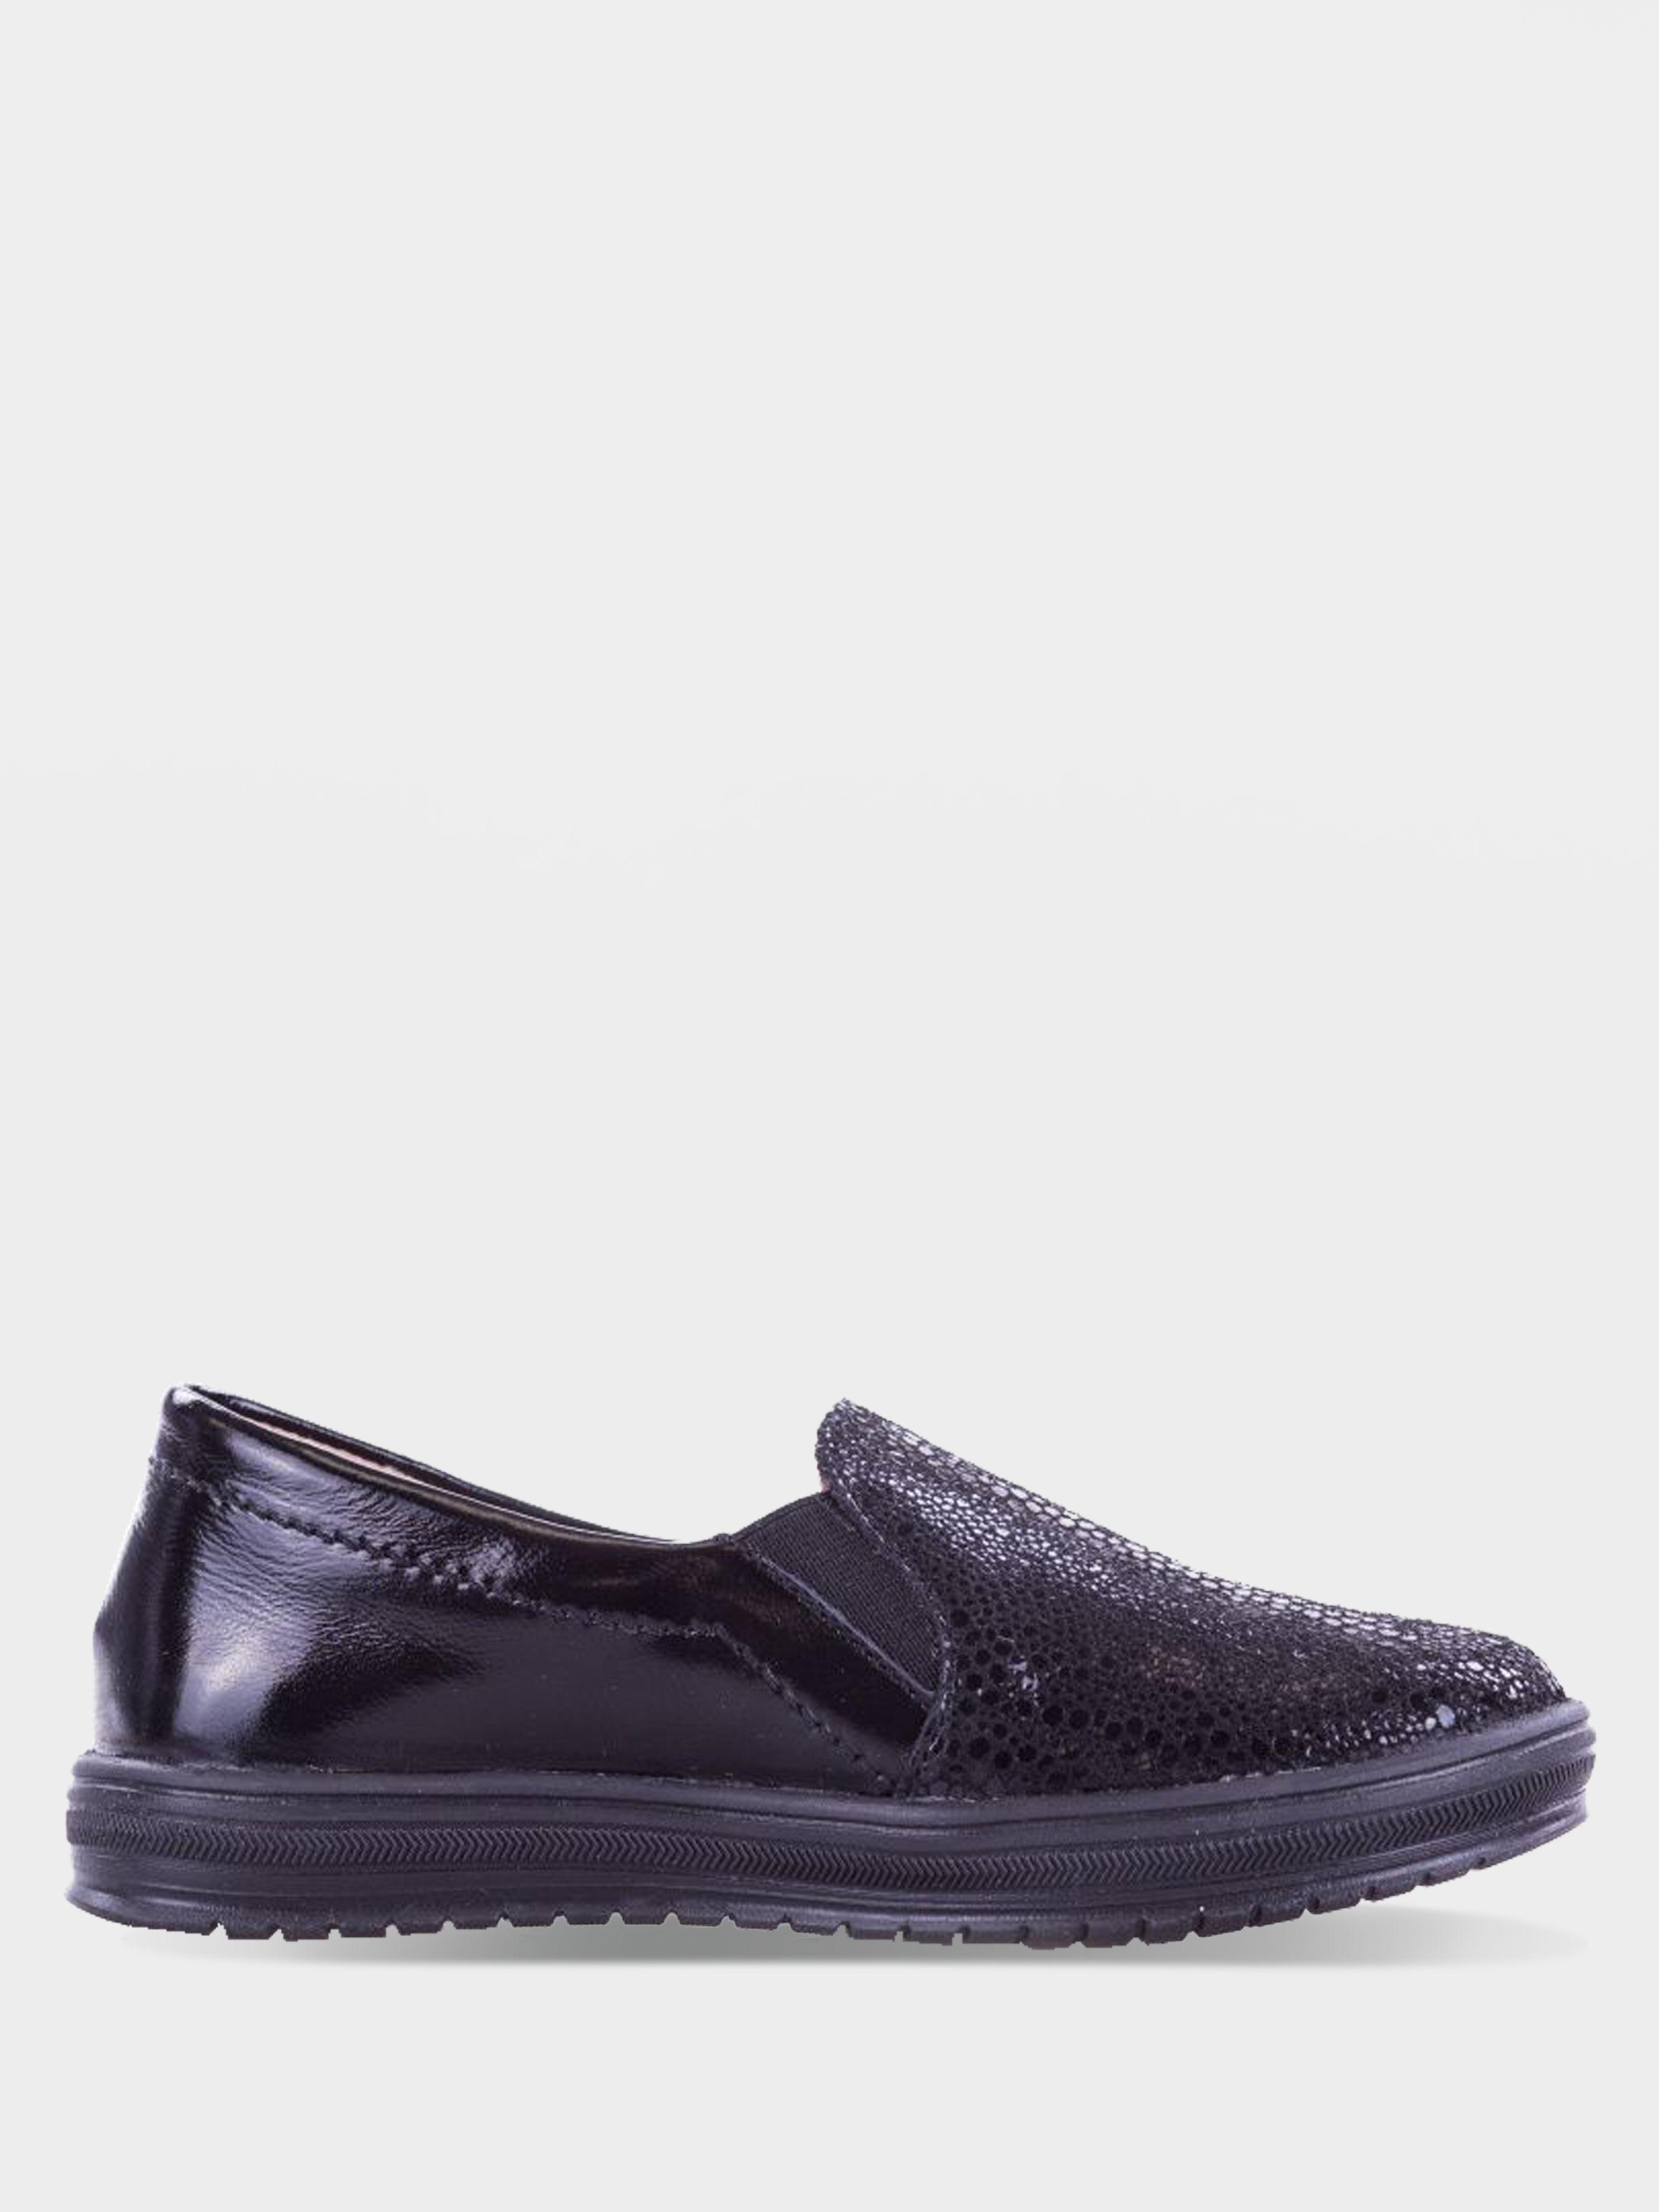 Купить Туфли детские Braska AE162, Черный